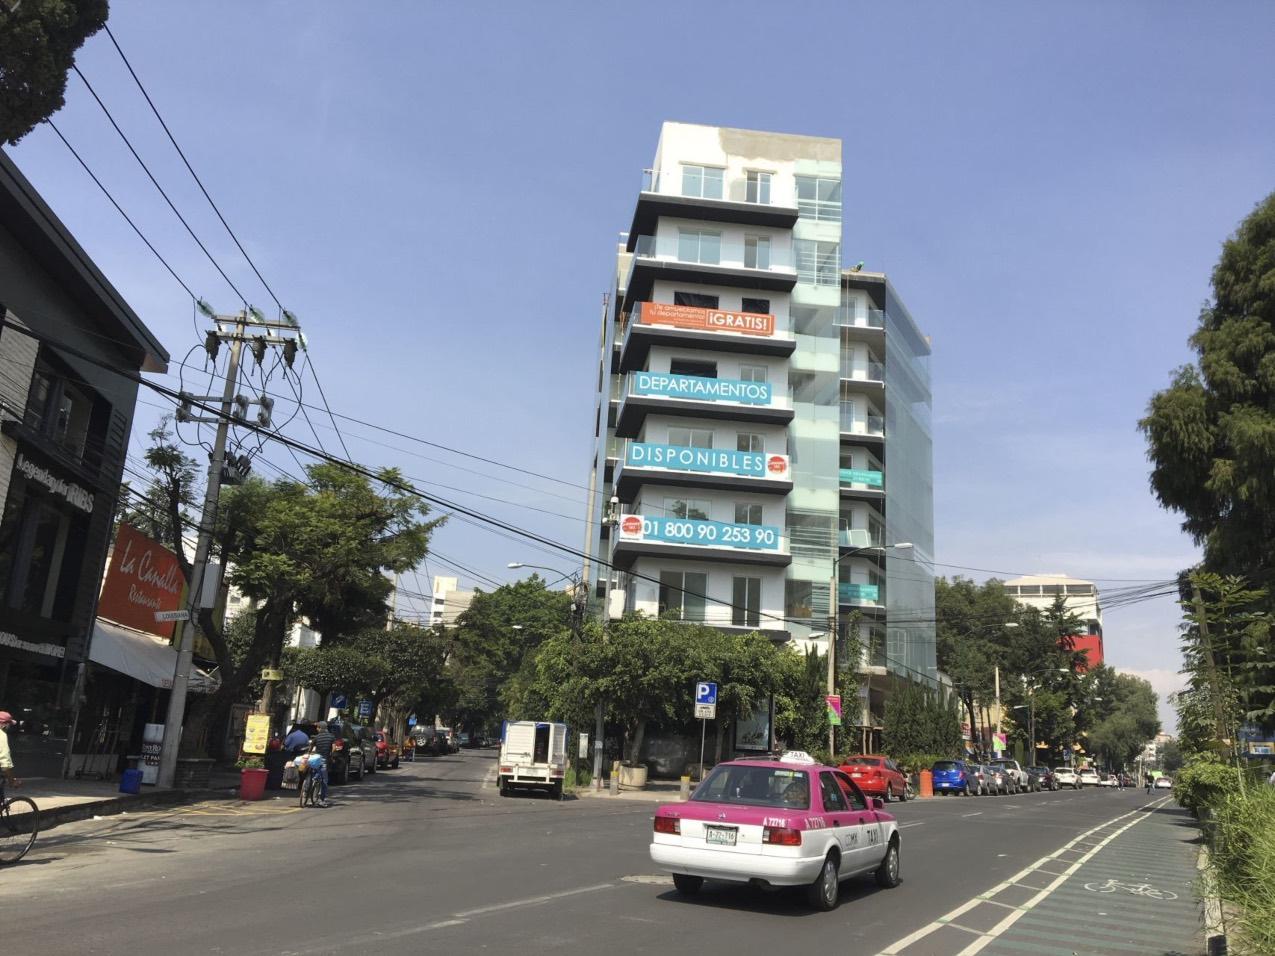 Casas en CDMX: así son las que queremos y las que podemos pagar